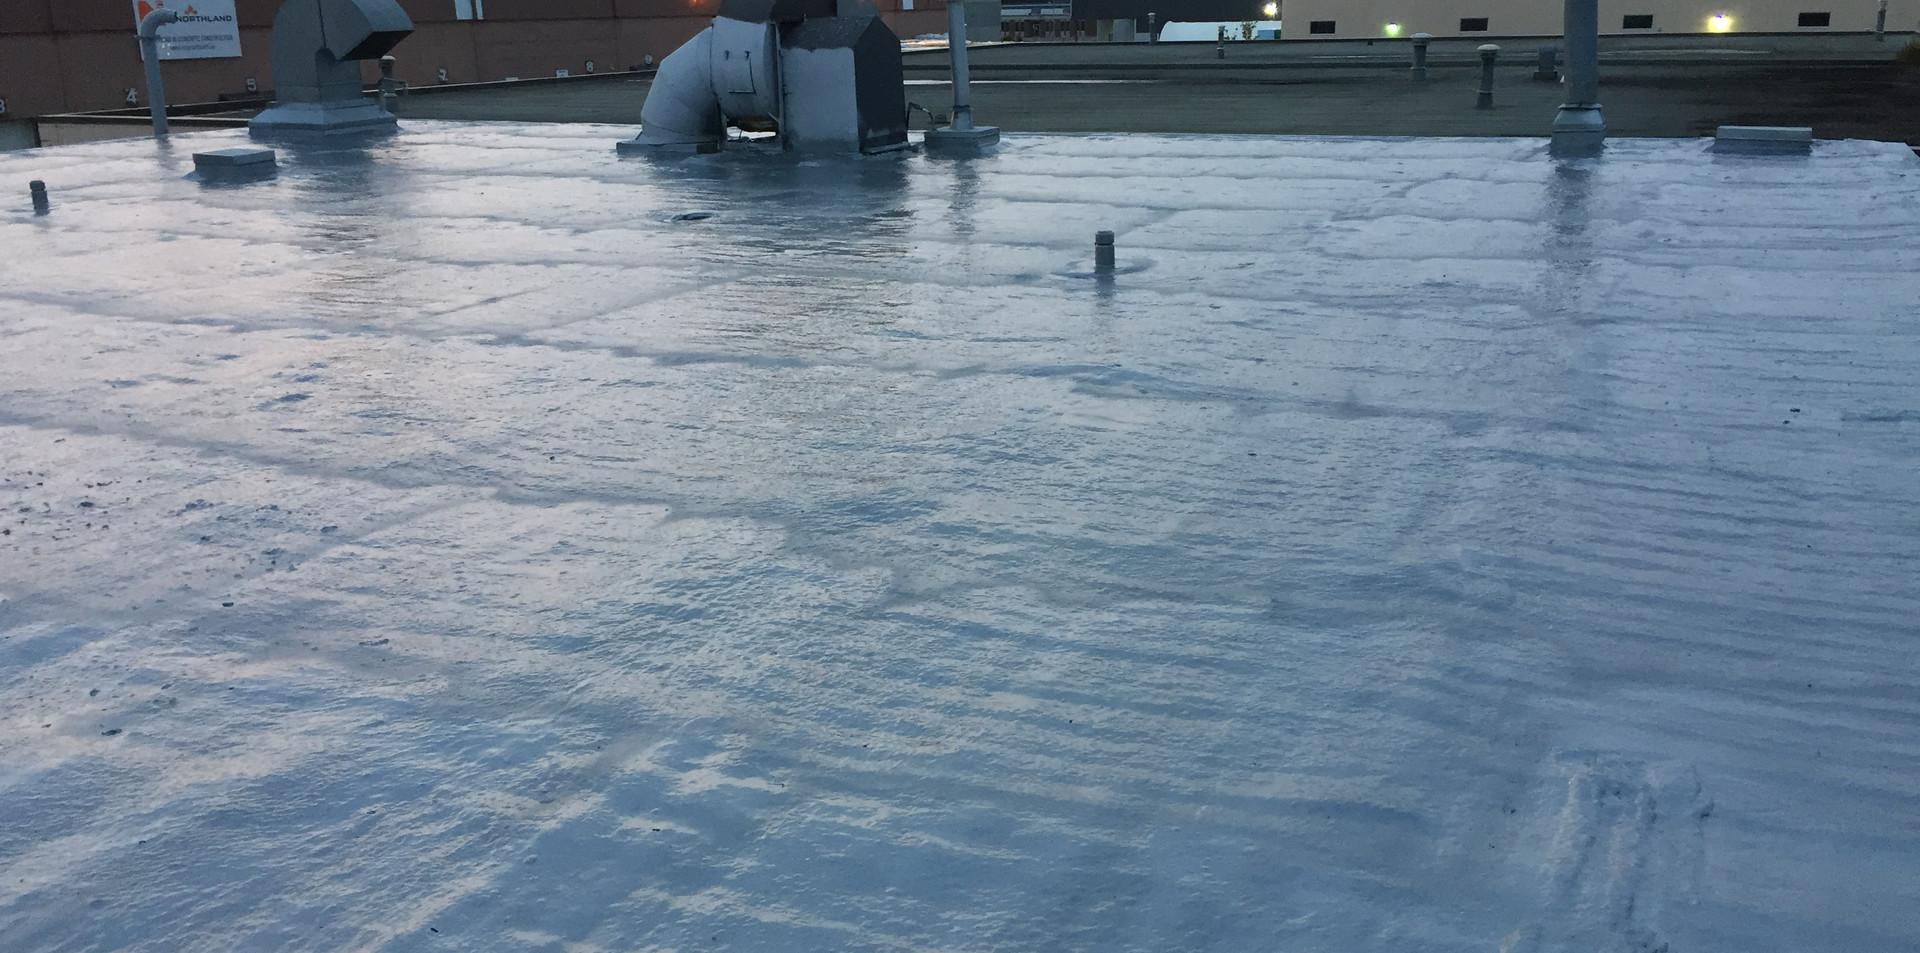 Roof ready for any season